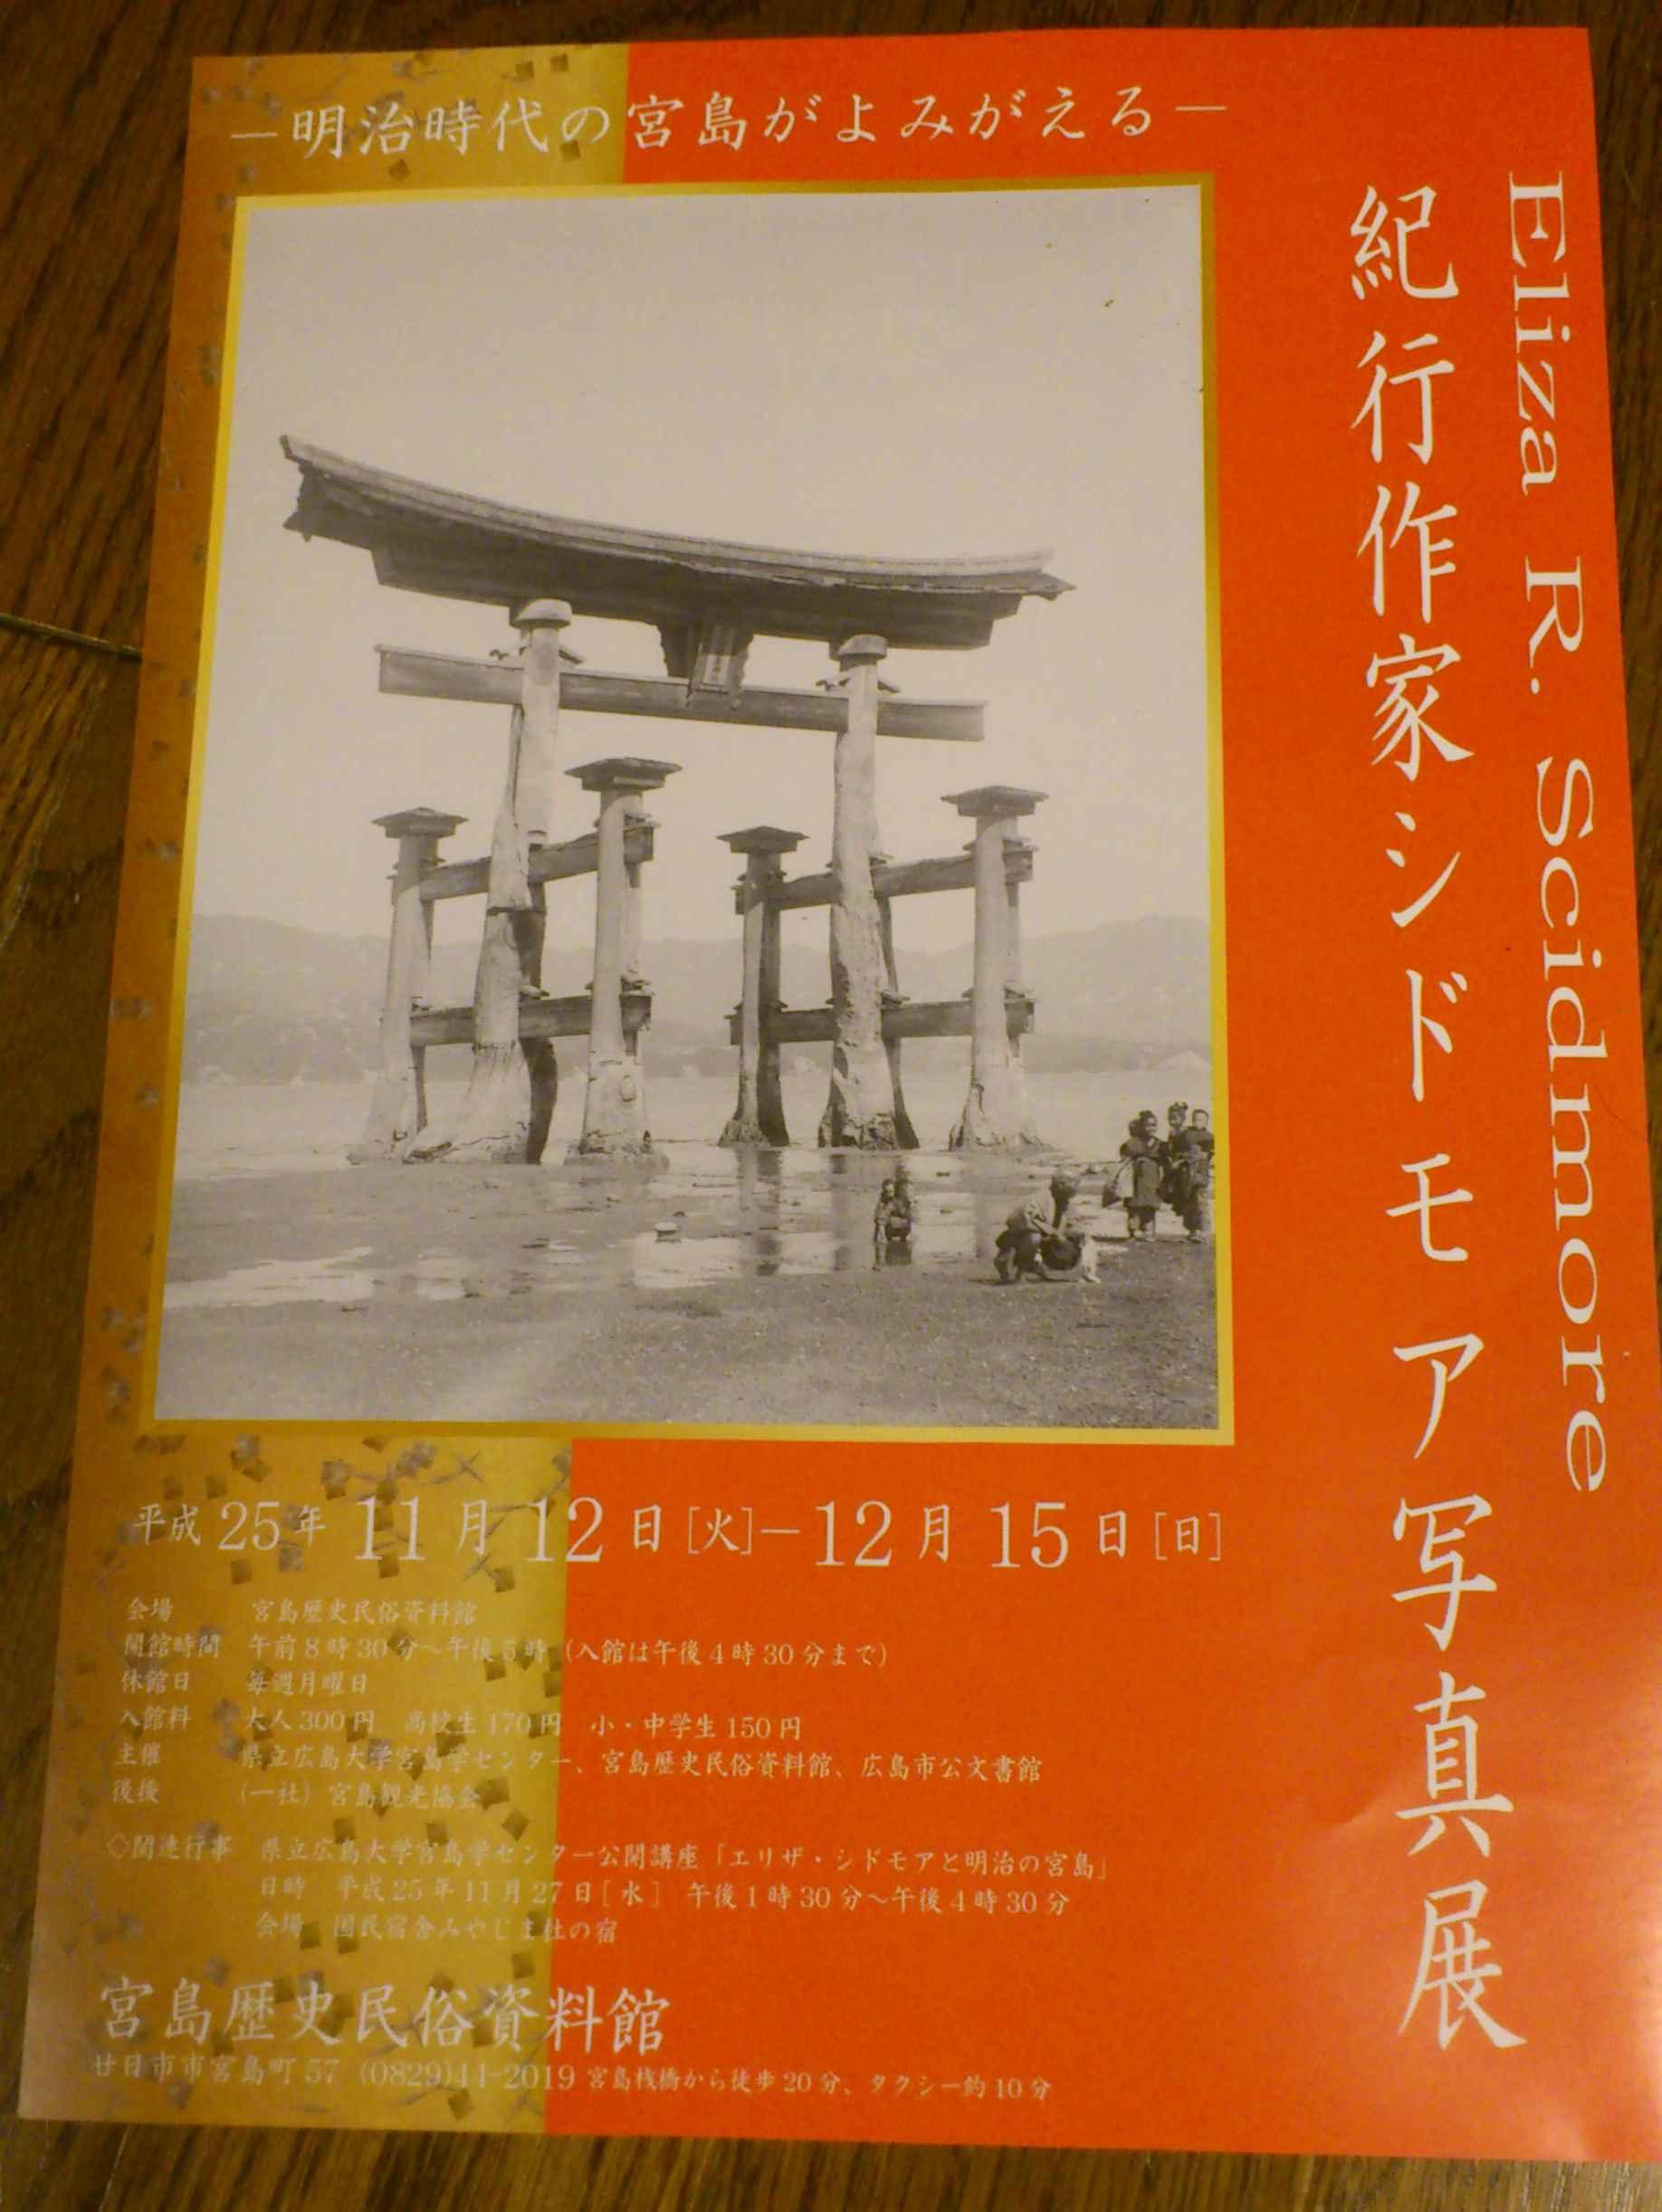 宮島歴史民俗資料館_b0197533_2127458.jpg